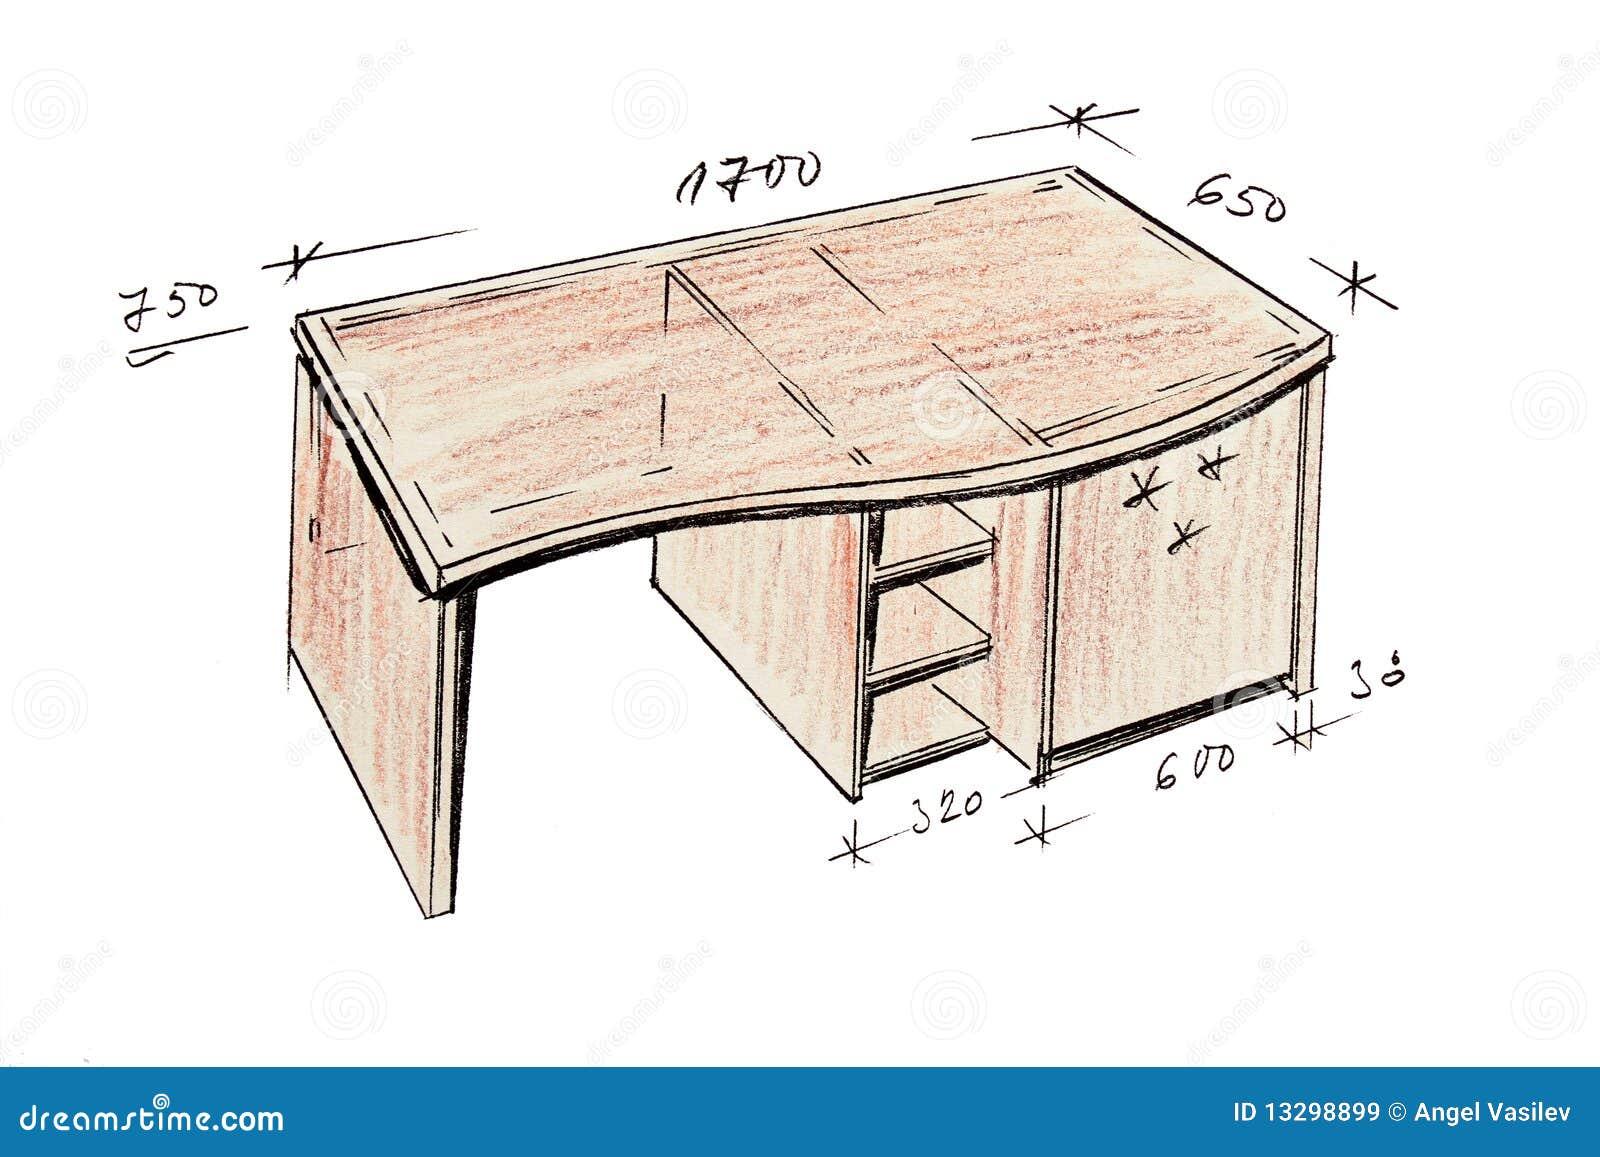 Gr fico a pulso del escritorio moderno del dise o interior for Escritorios para disenadores